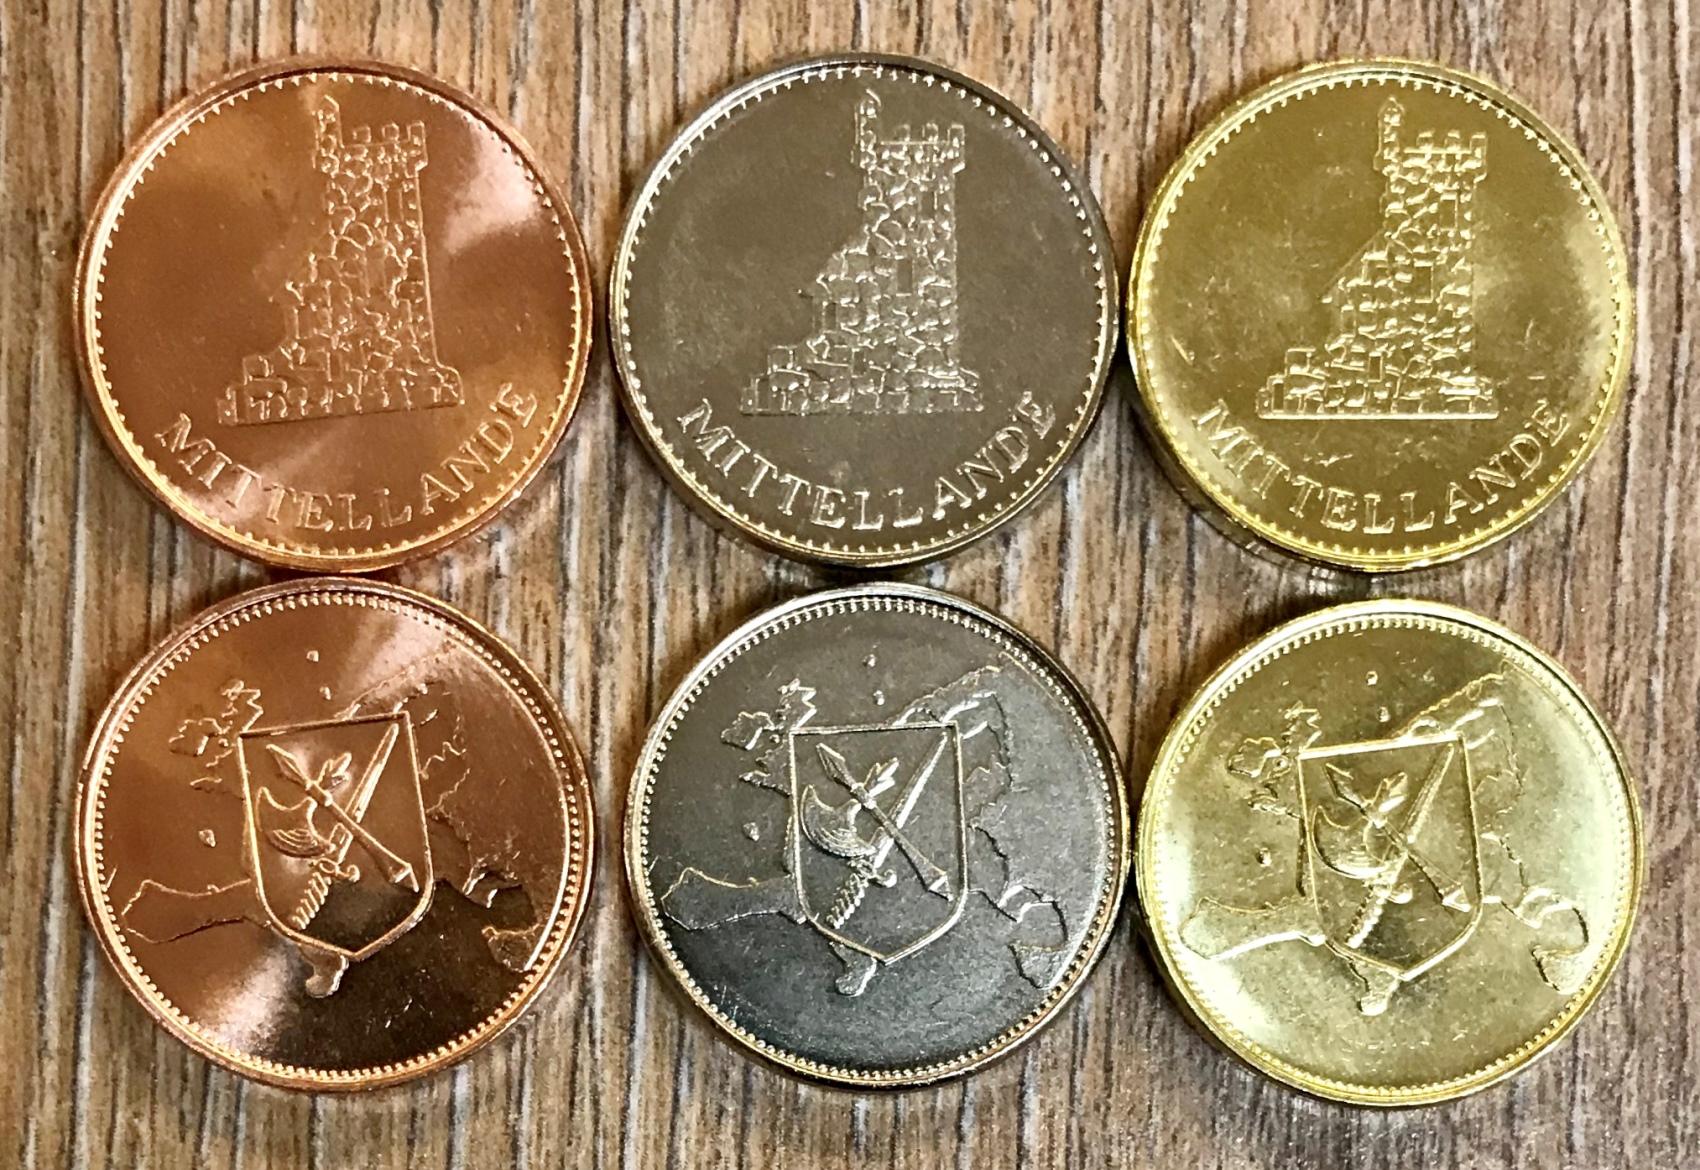 Münzen für die Mittellande